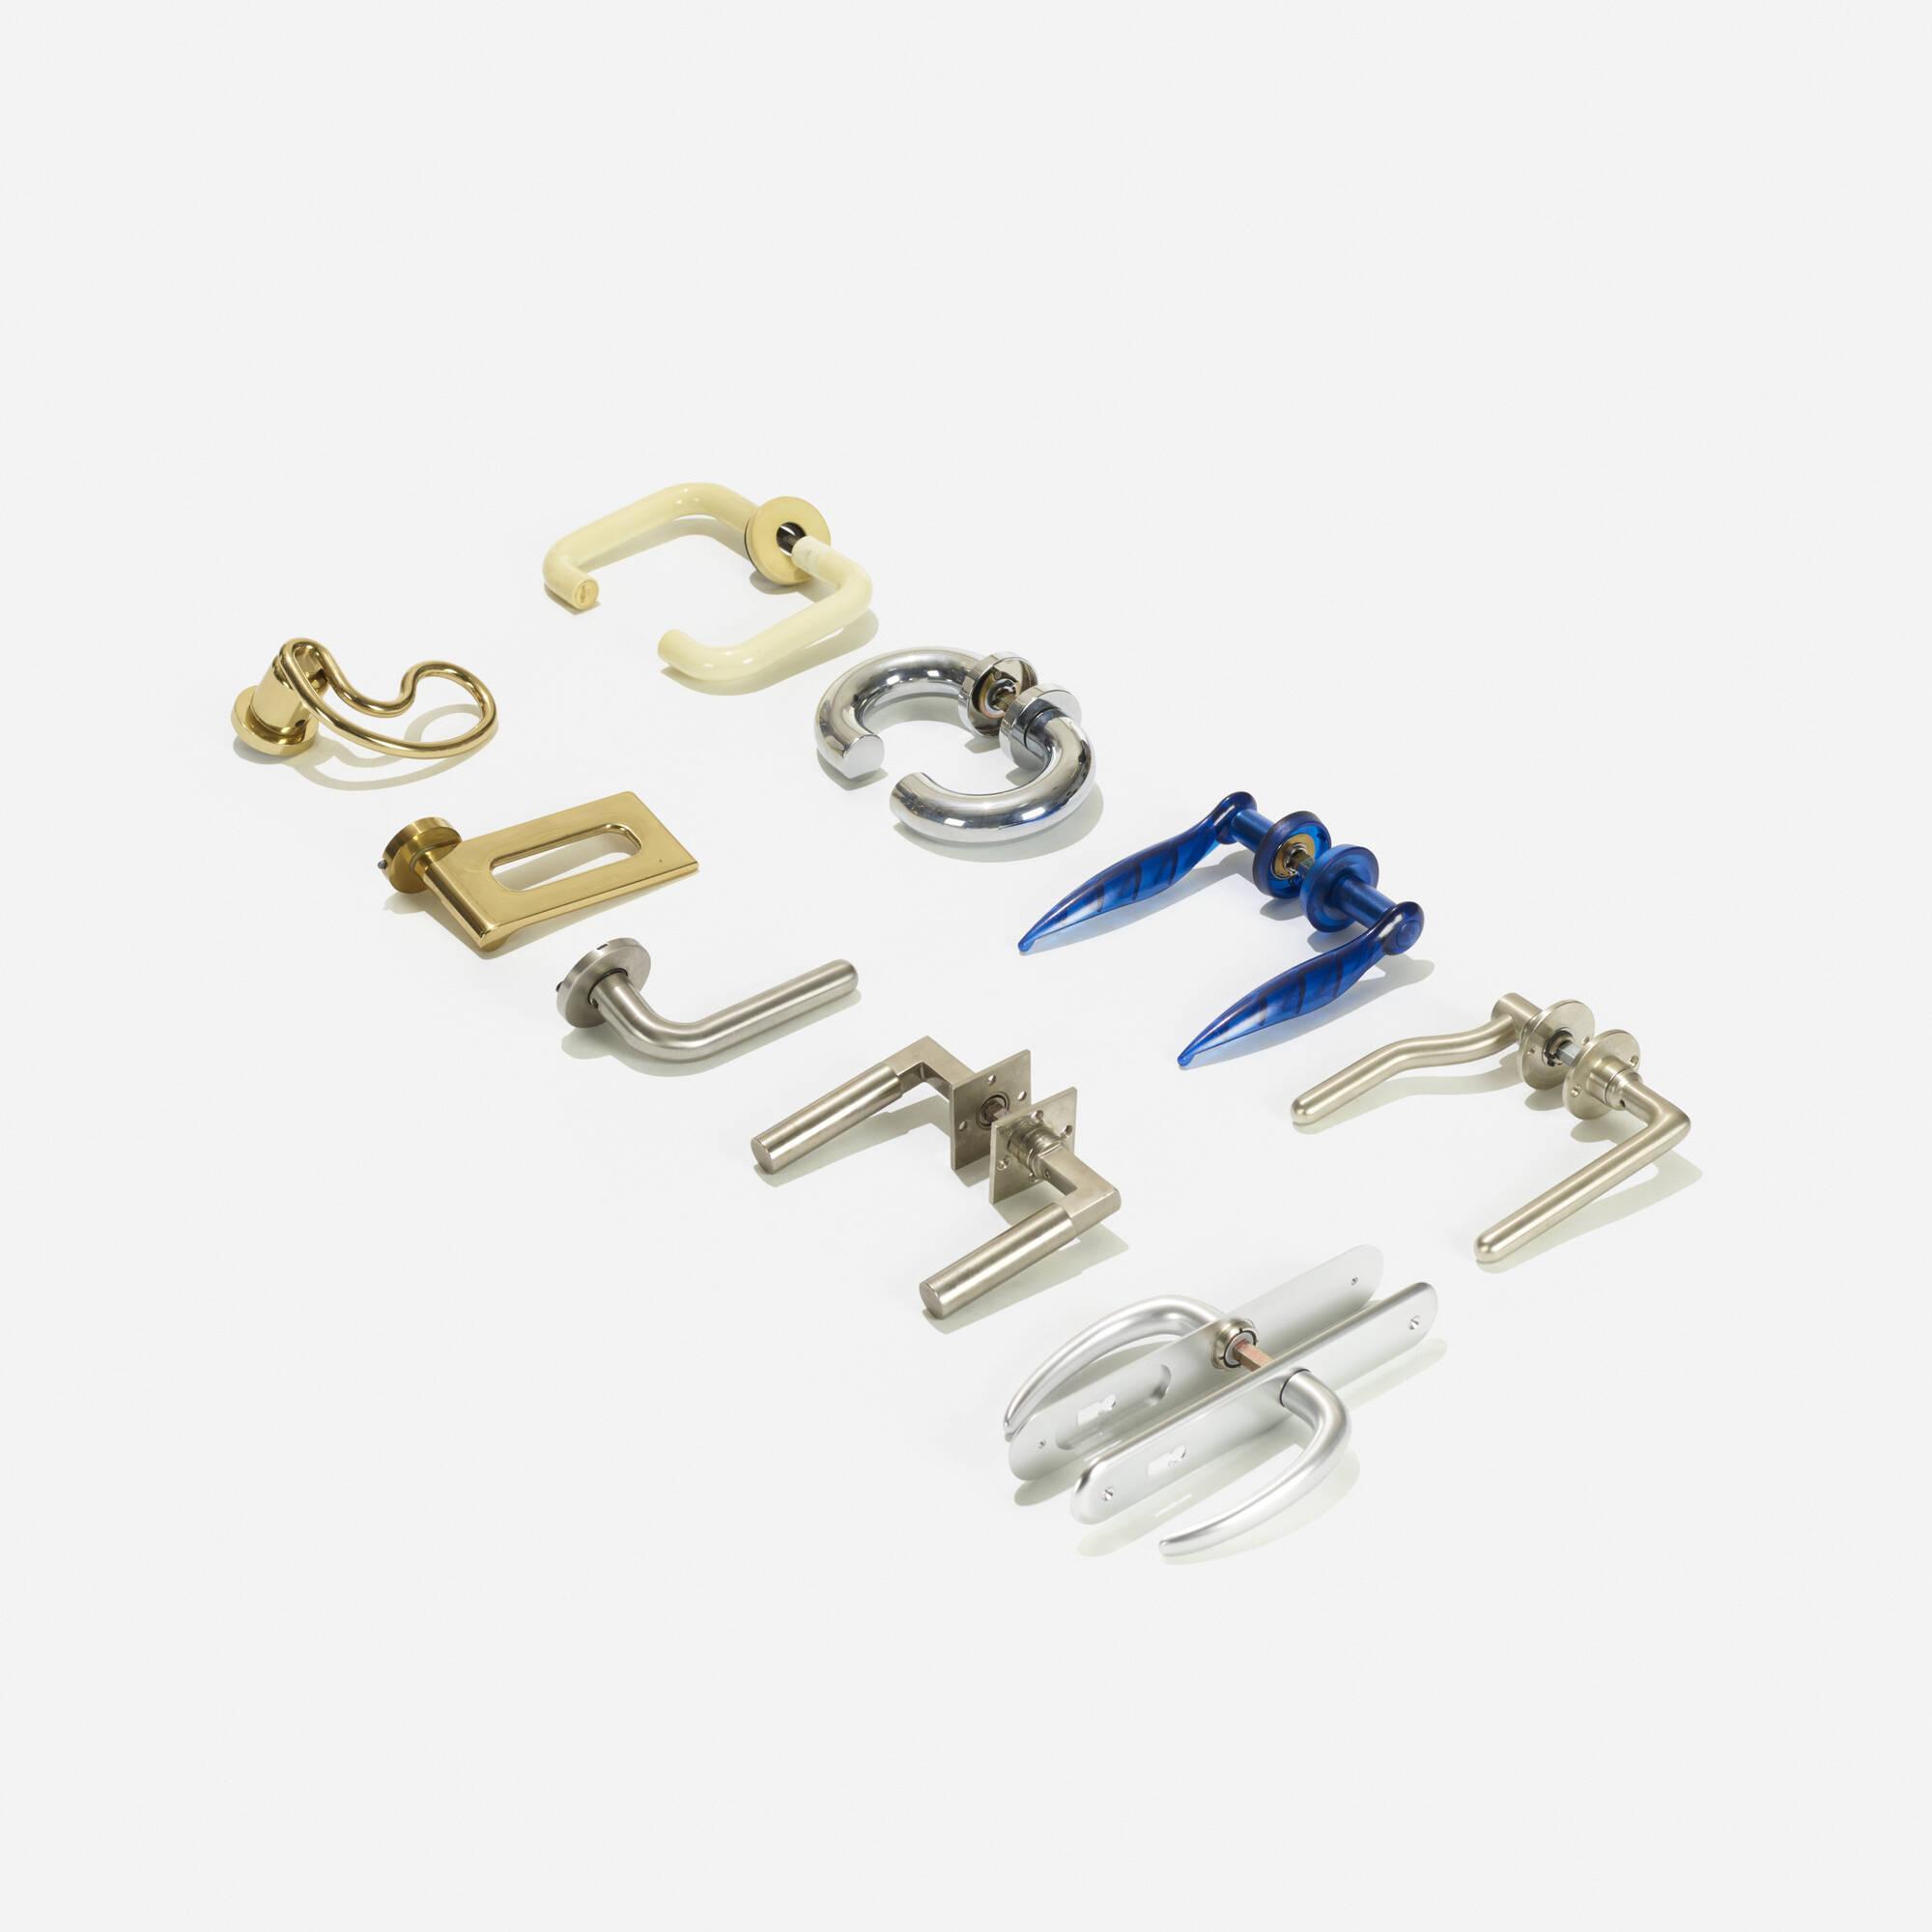 460: Various Artists / collection of nine door handles (1 of 2)